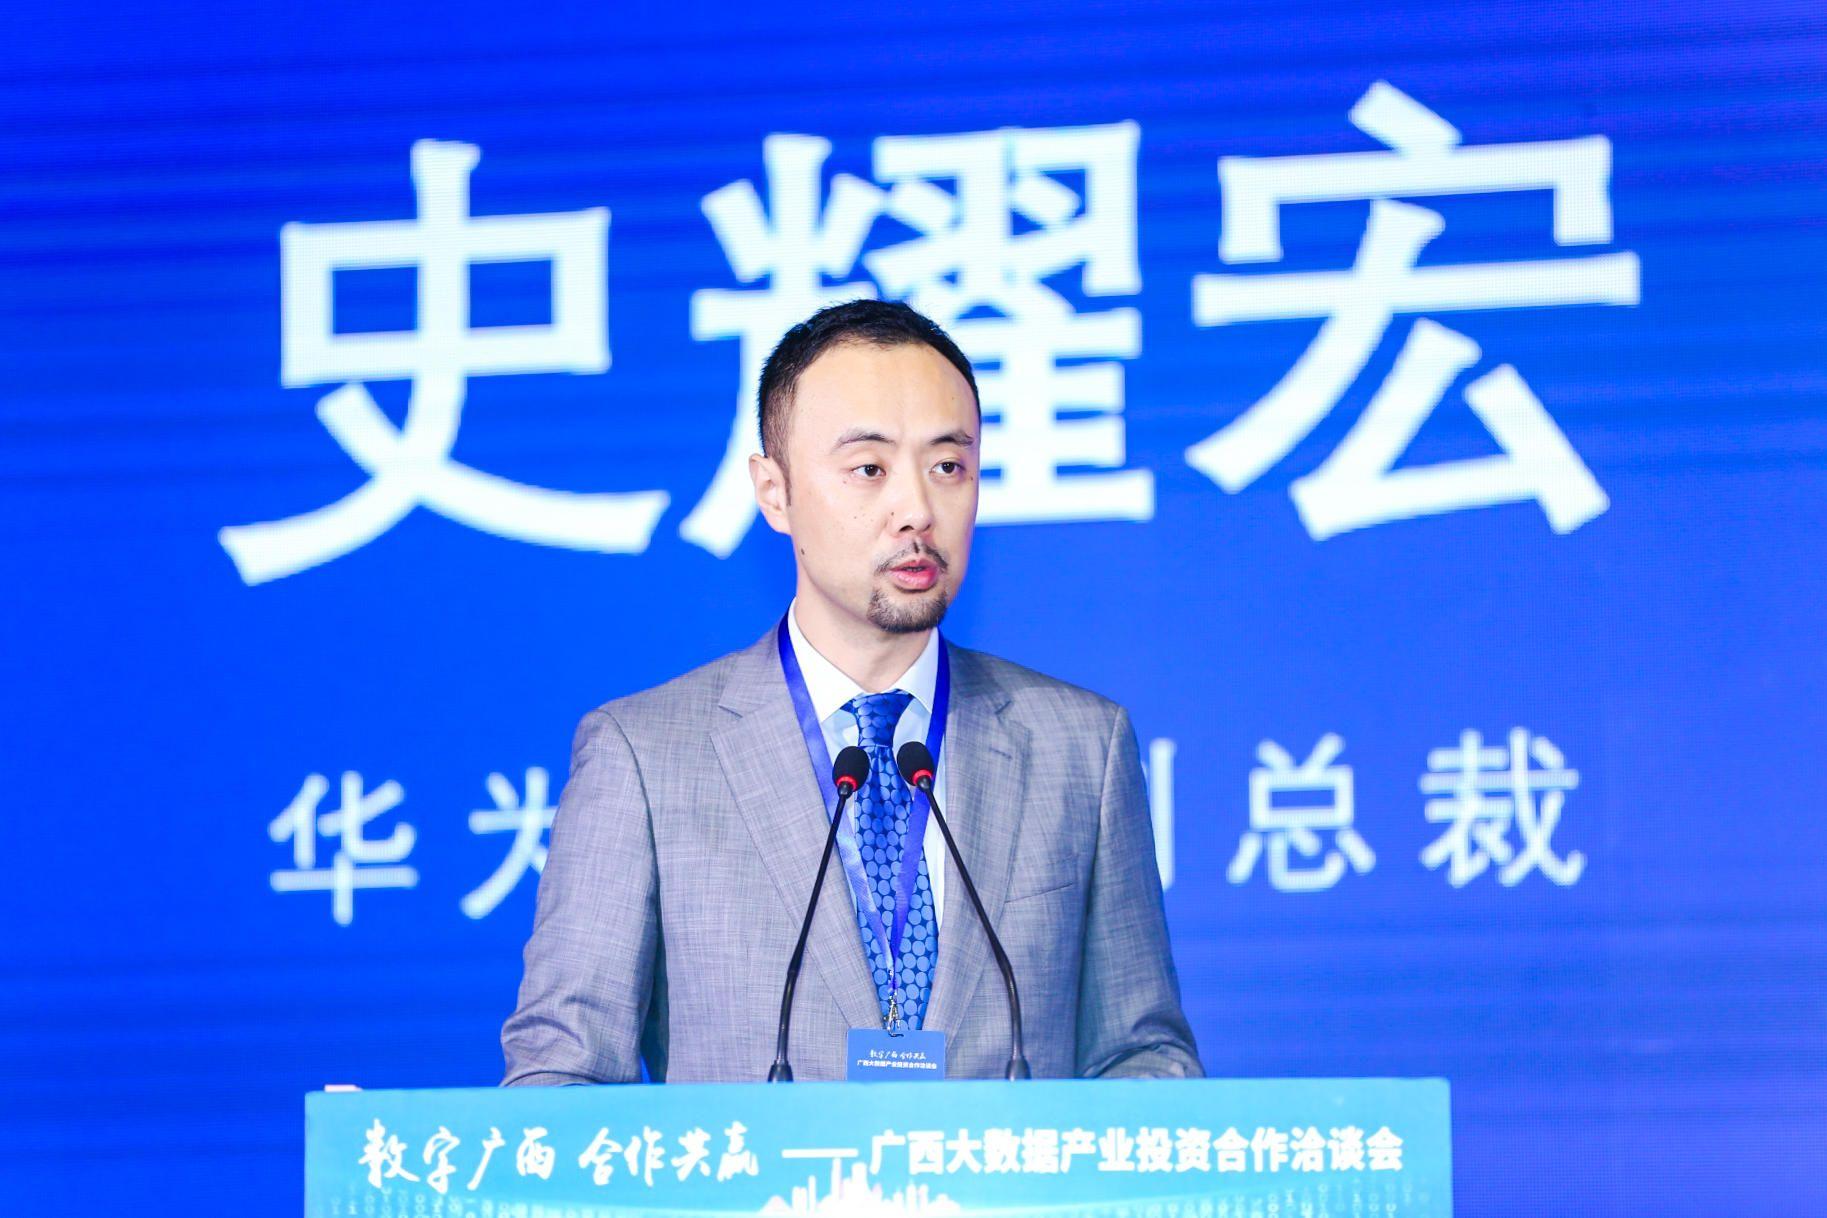 华为公司副总裁史耀宏发言